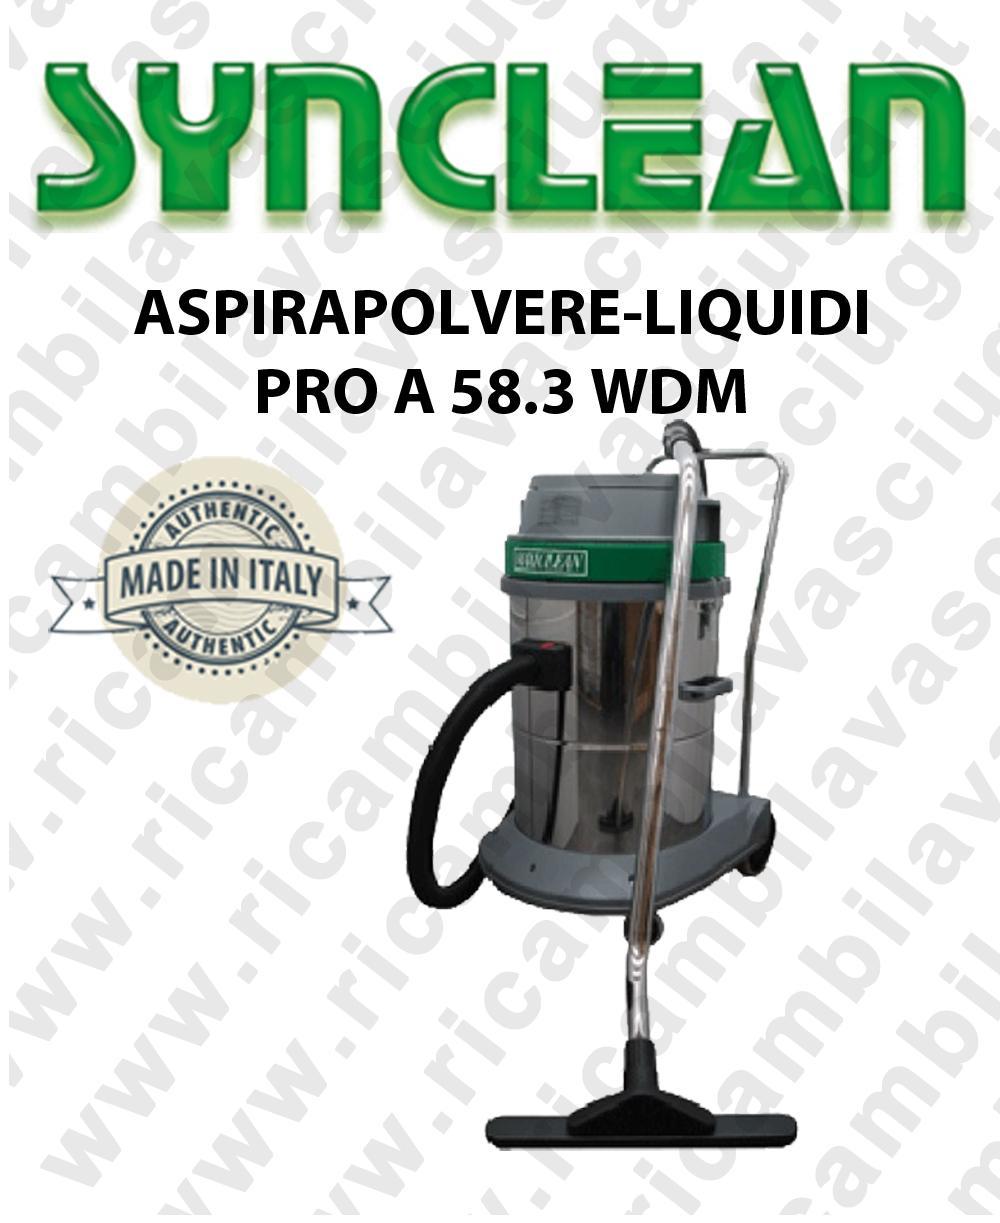 MAXICLEAN PRO A 58.3 WDM aspirapolvere aspiraliquidi SYNCLEAN